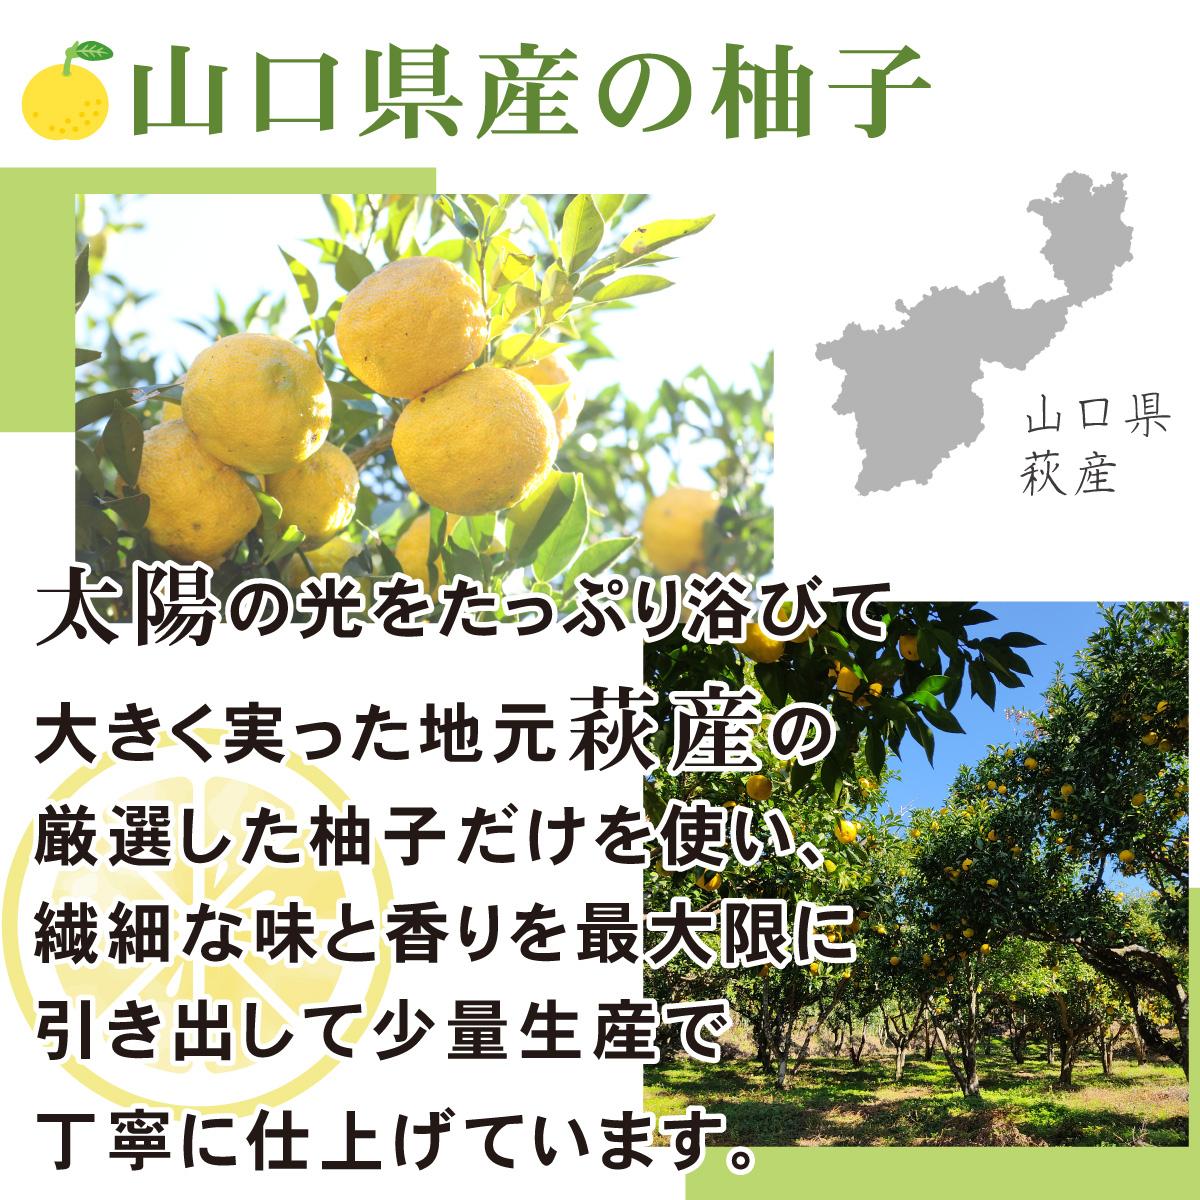 山口県産の柚子を使った柚子マーマレード